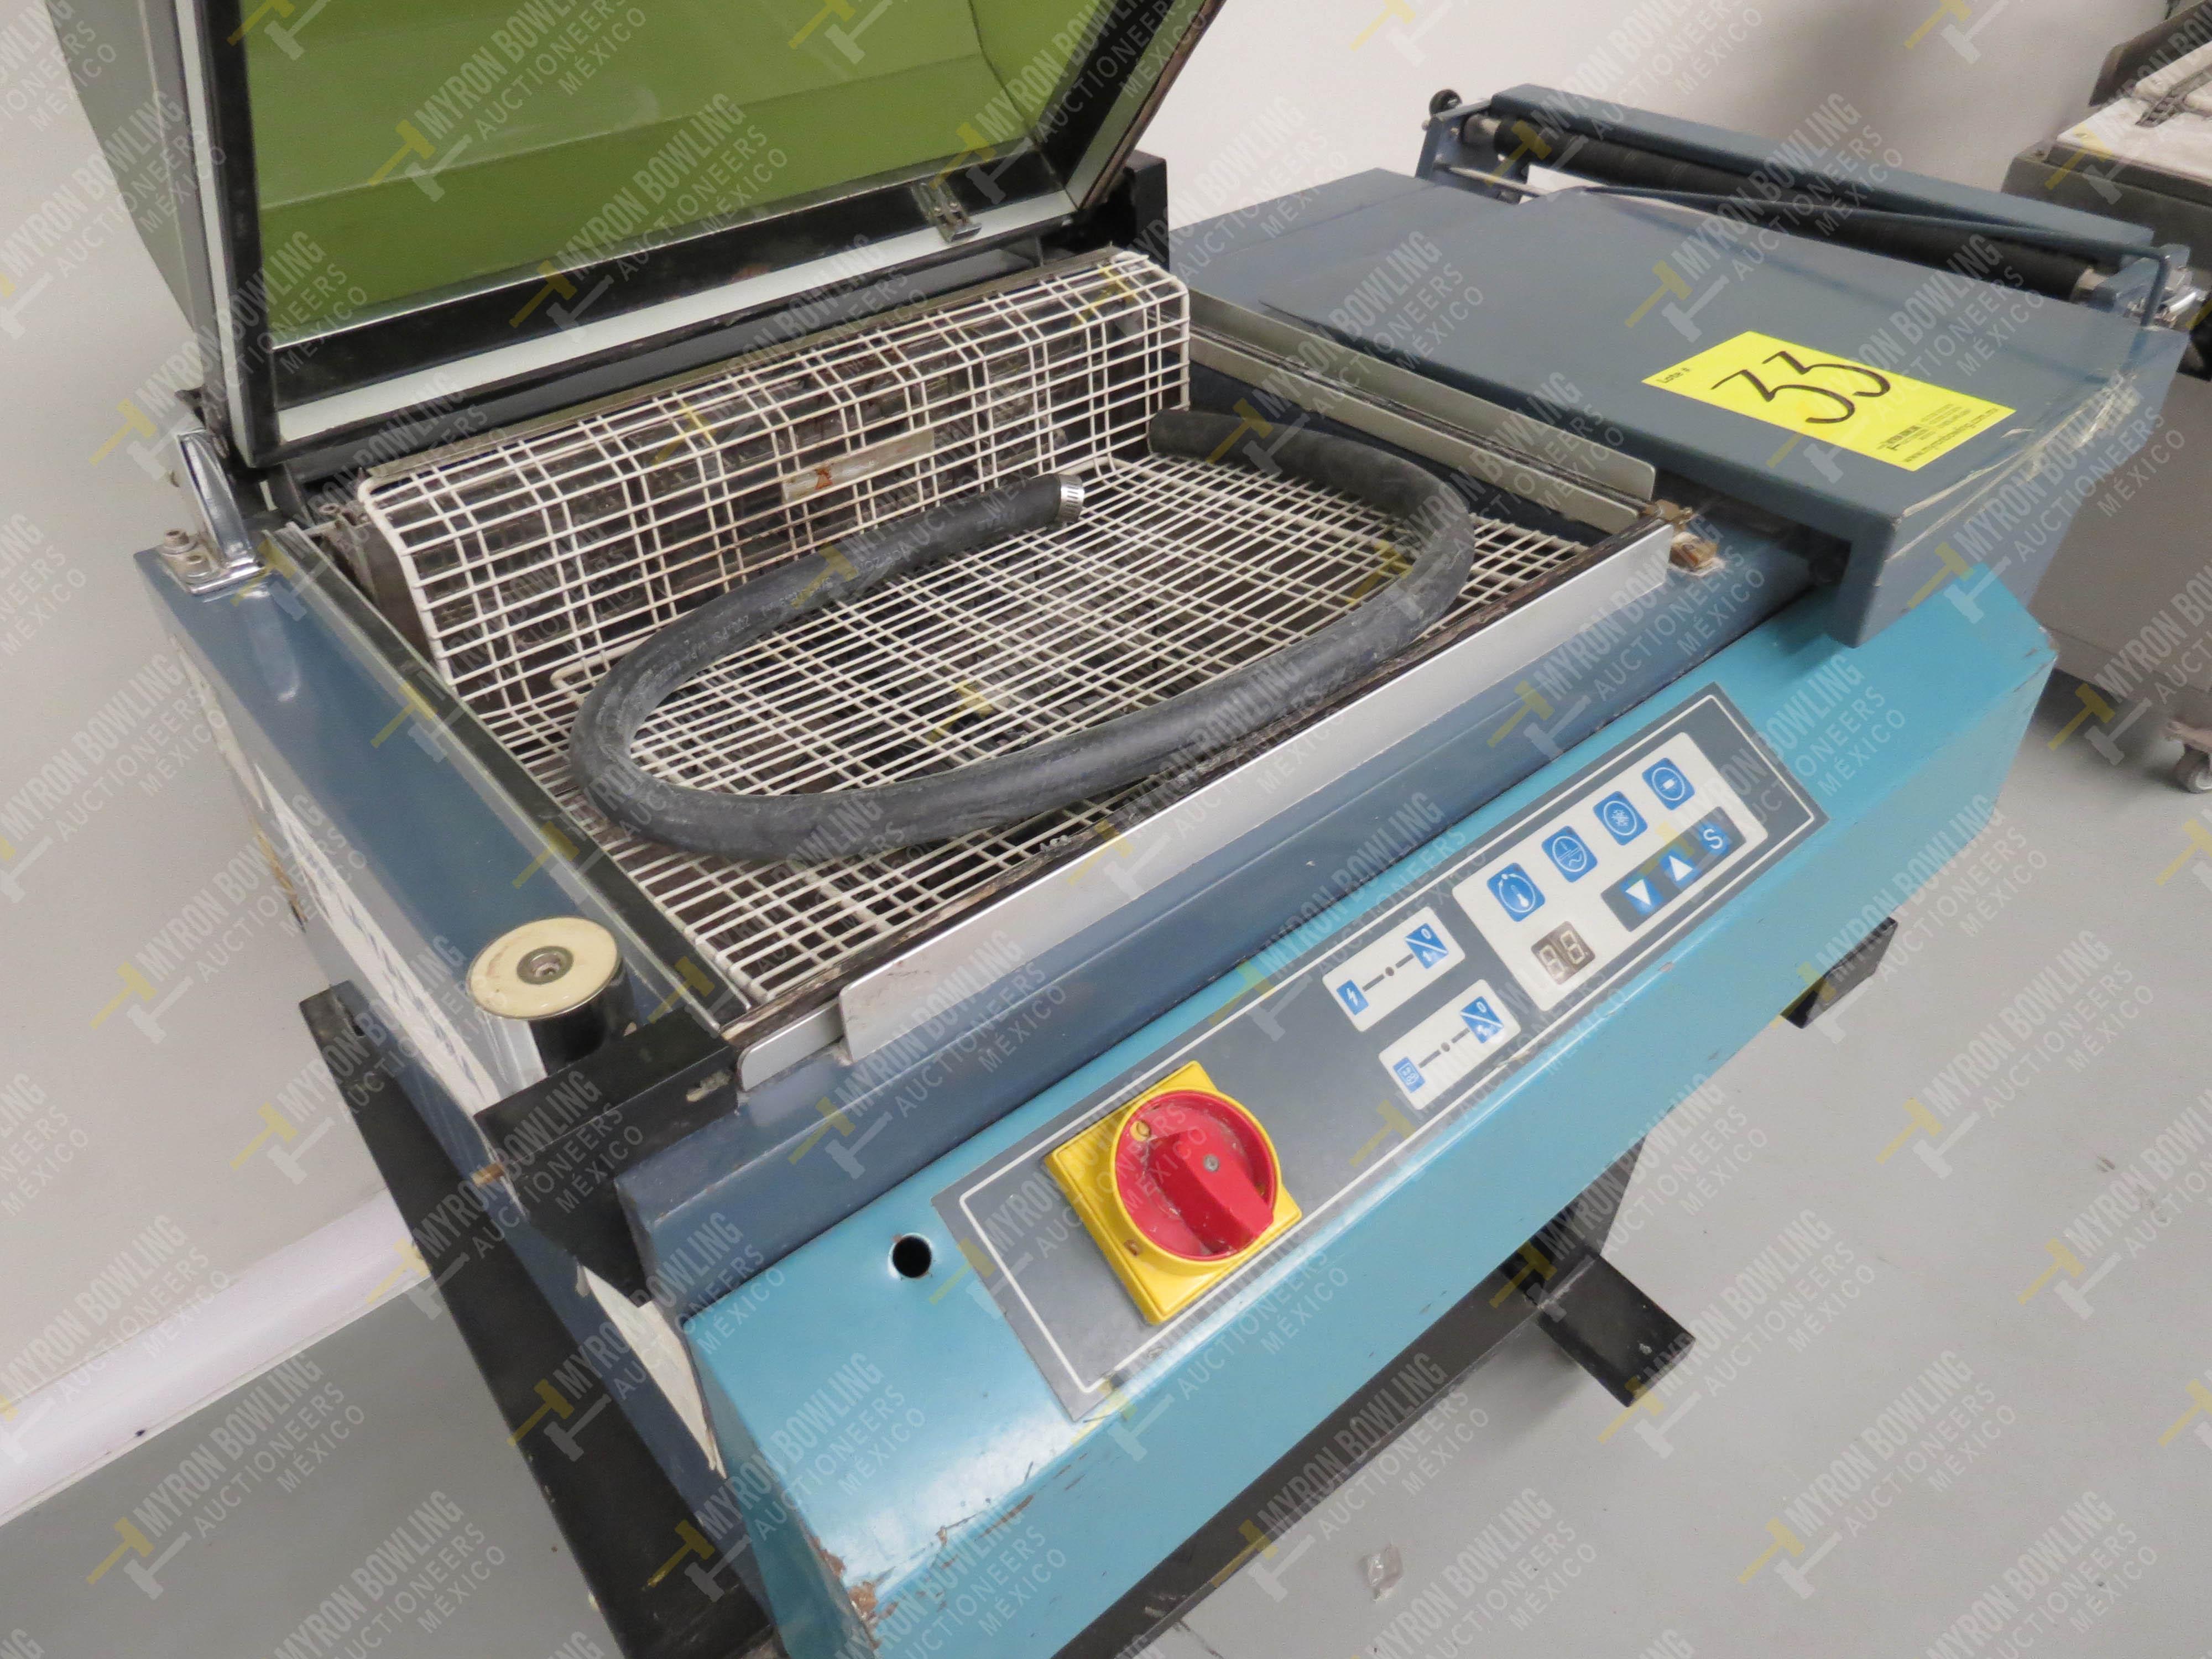 Máquina emplayadora Modelo EKH-346, No. de Serie 0601012B - Image 4 of 4